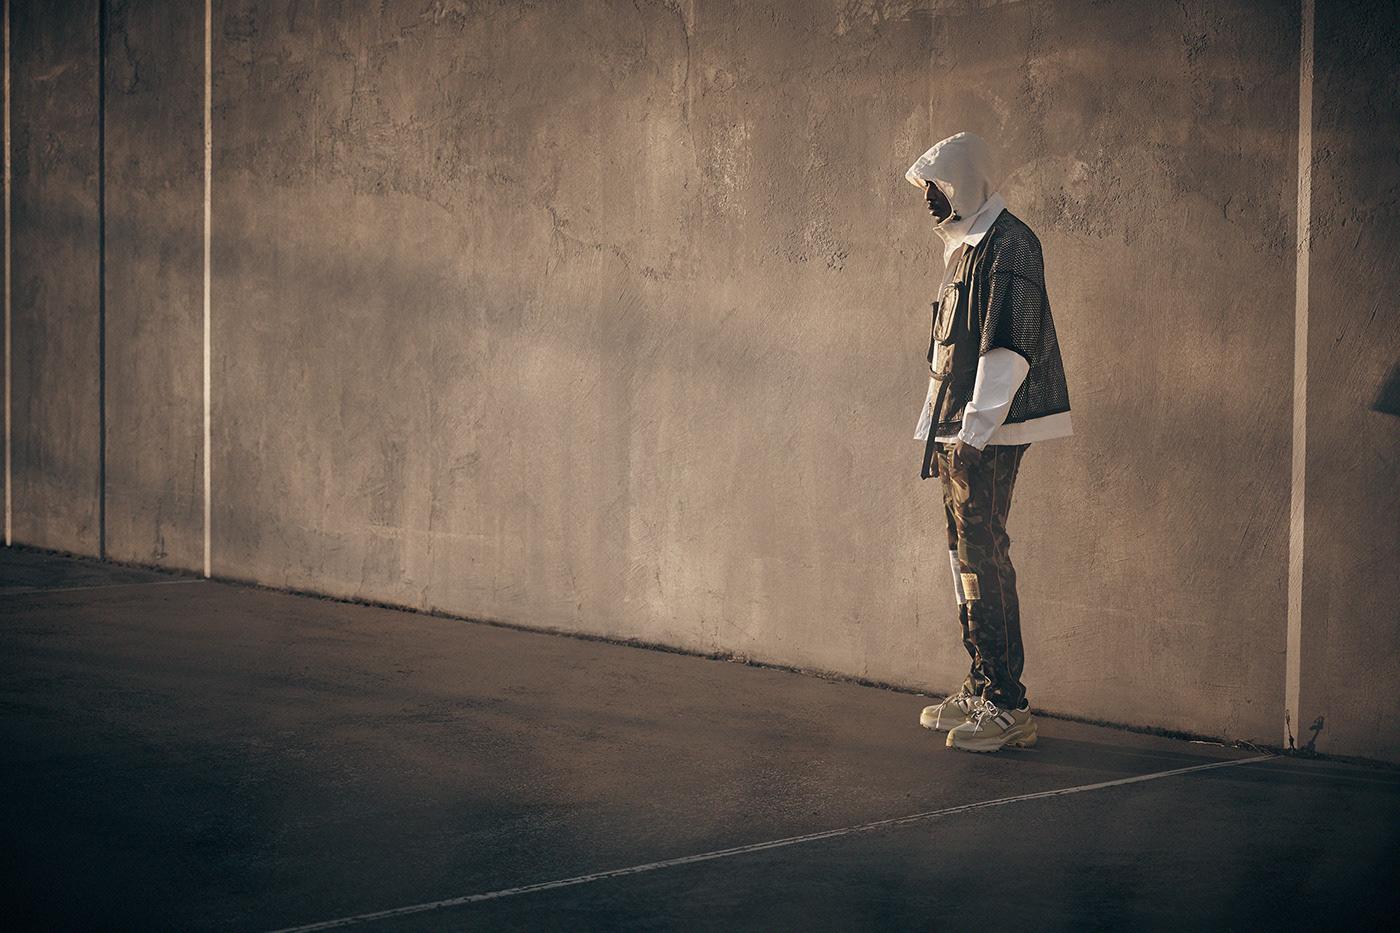 Image may contain: skating, wall and man